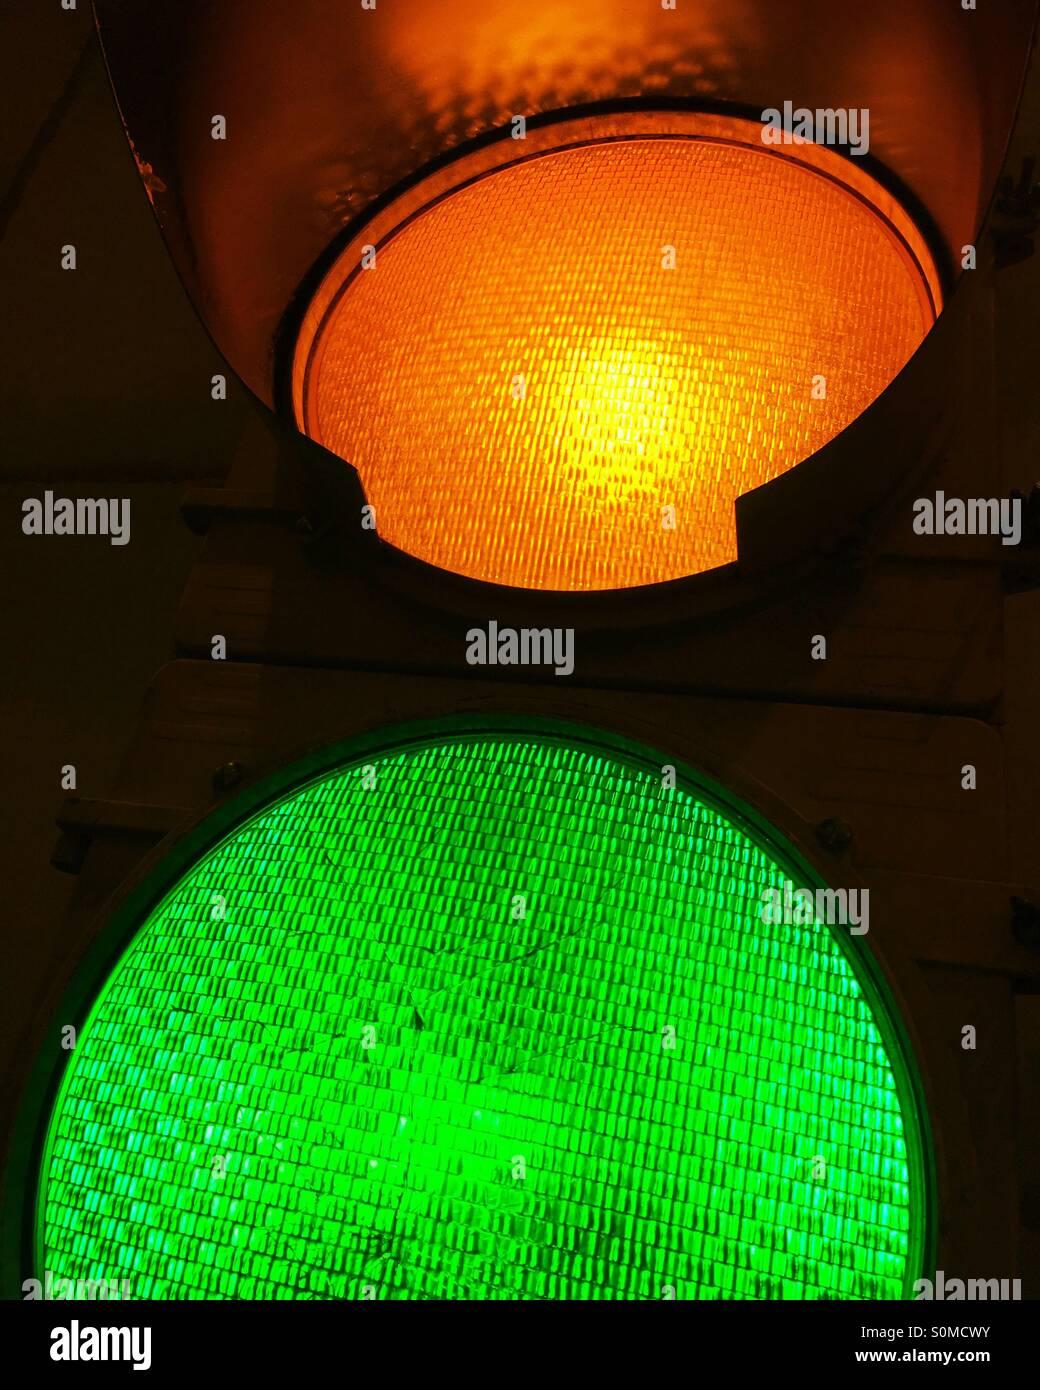 Close-up di illuminato in ambra gialla e verde segnali di traffico. Immagini Stock